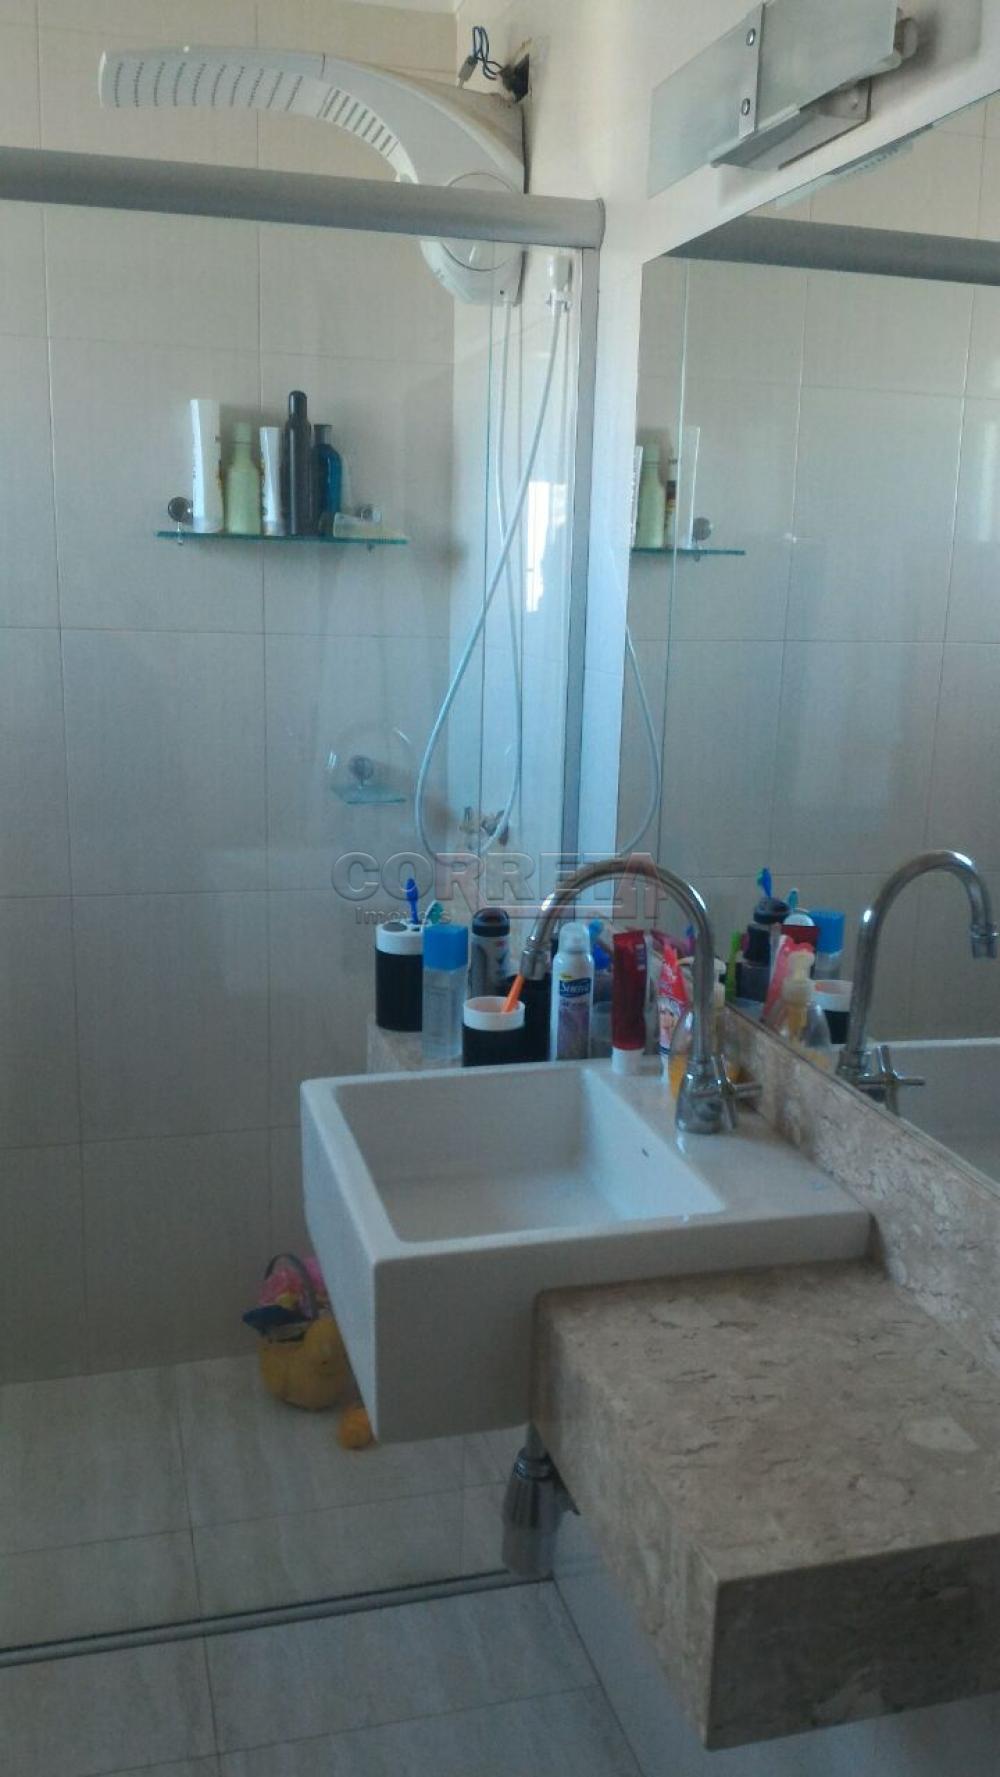 Comprar Apartamento / Padrão em Araçatuba apenas R$ 480.000,00 - Foto 2